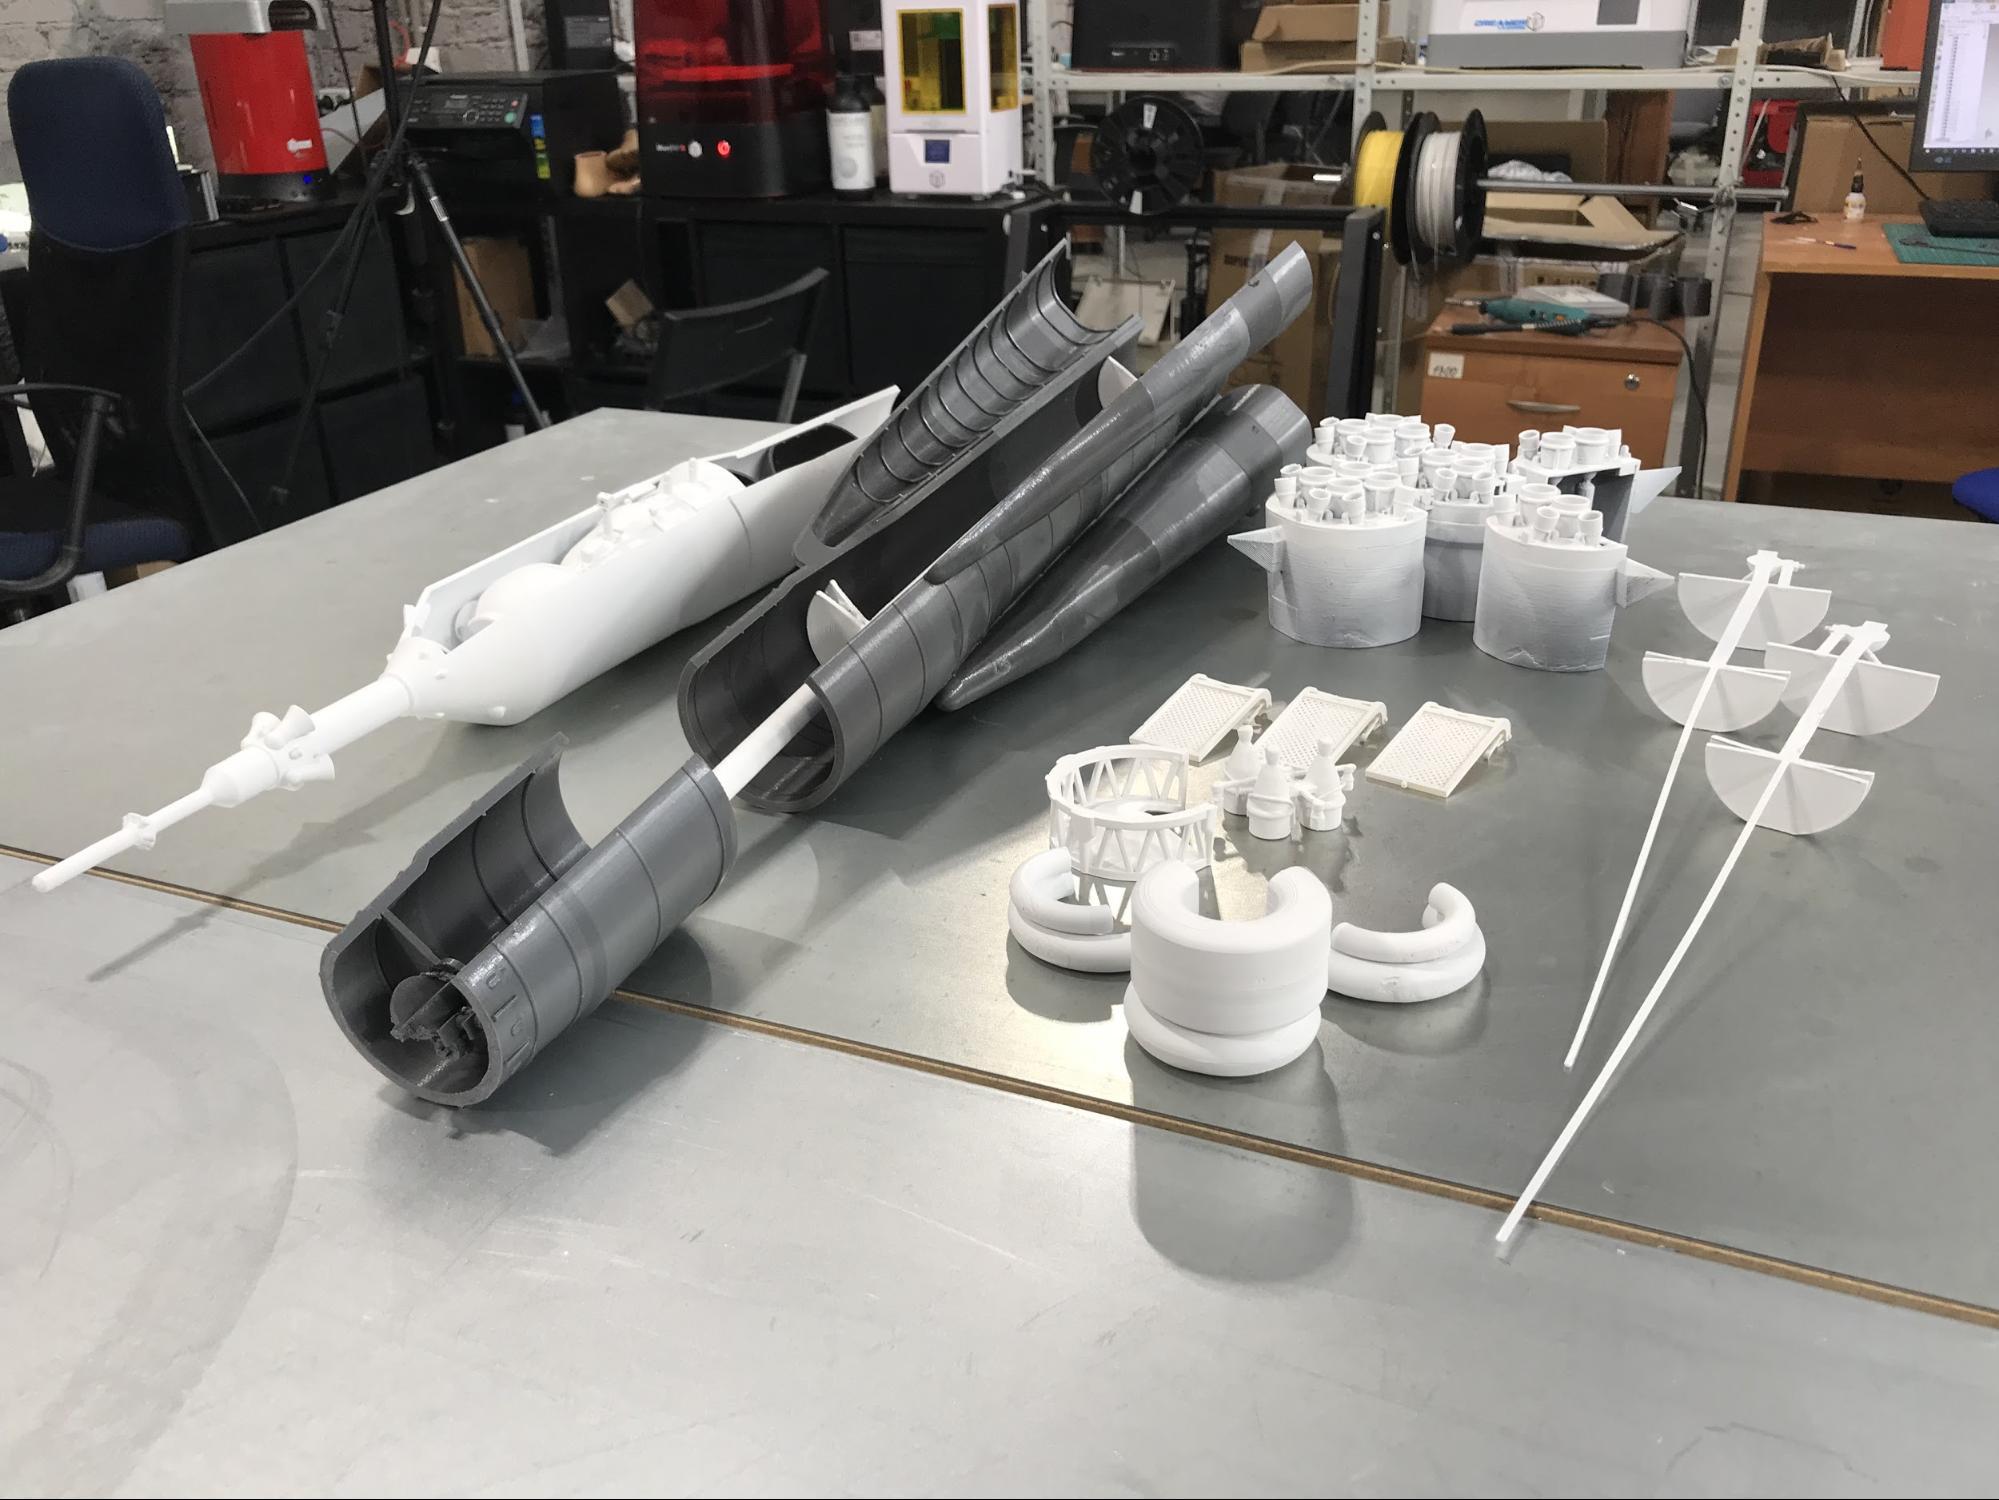 Как мы делали макеты космической техники для Московского авиационного института - 17